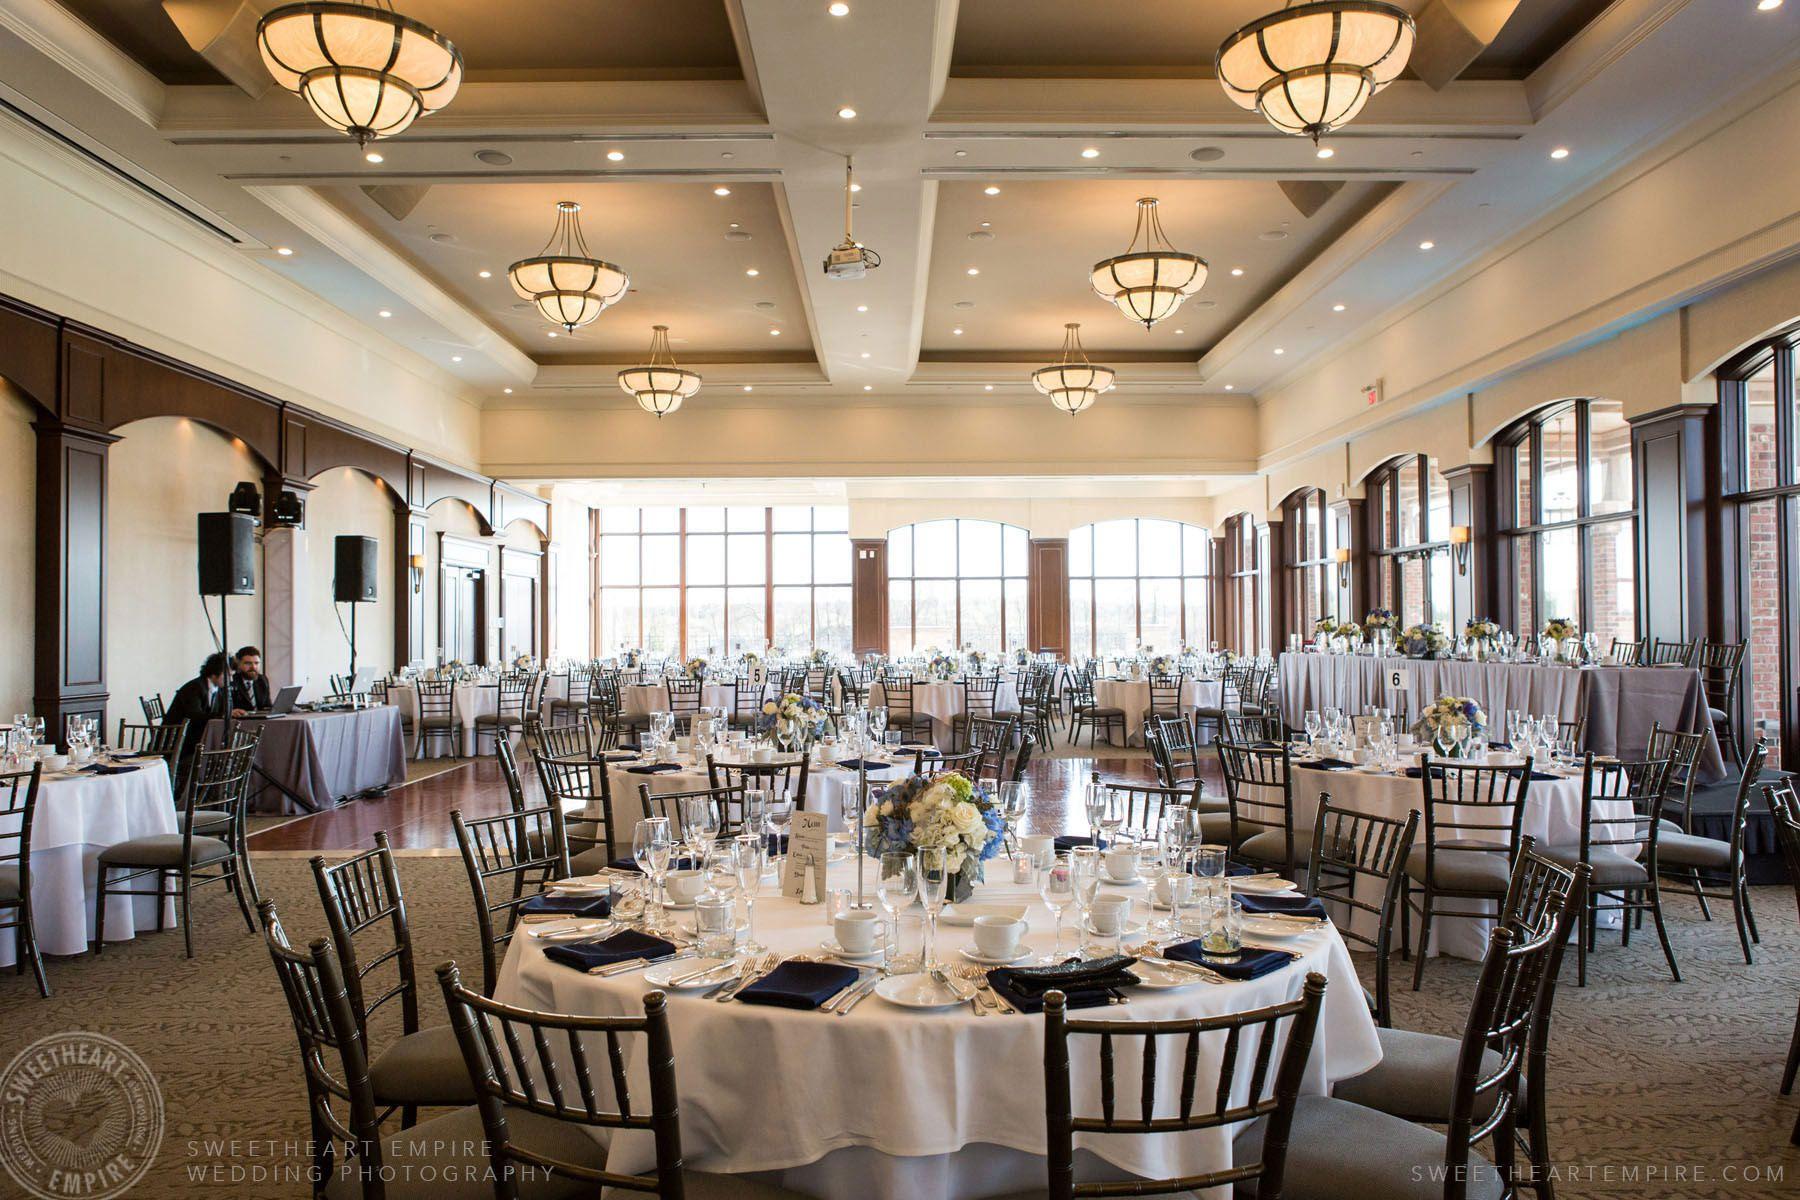 Wedding Reception Venue Eagles Nest Golf Club Sweetheartempirewedding